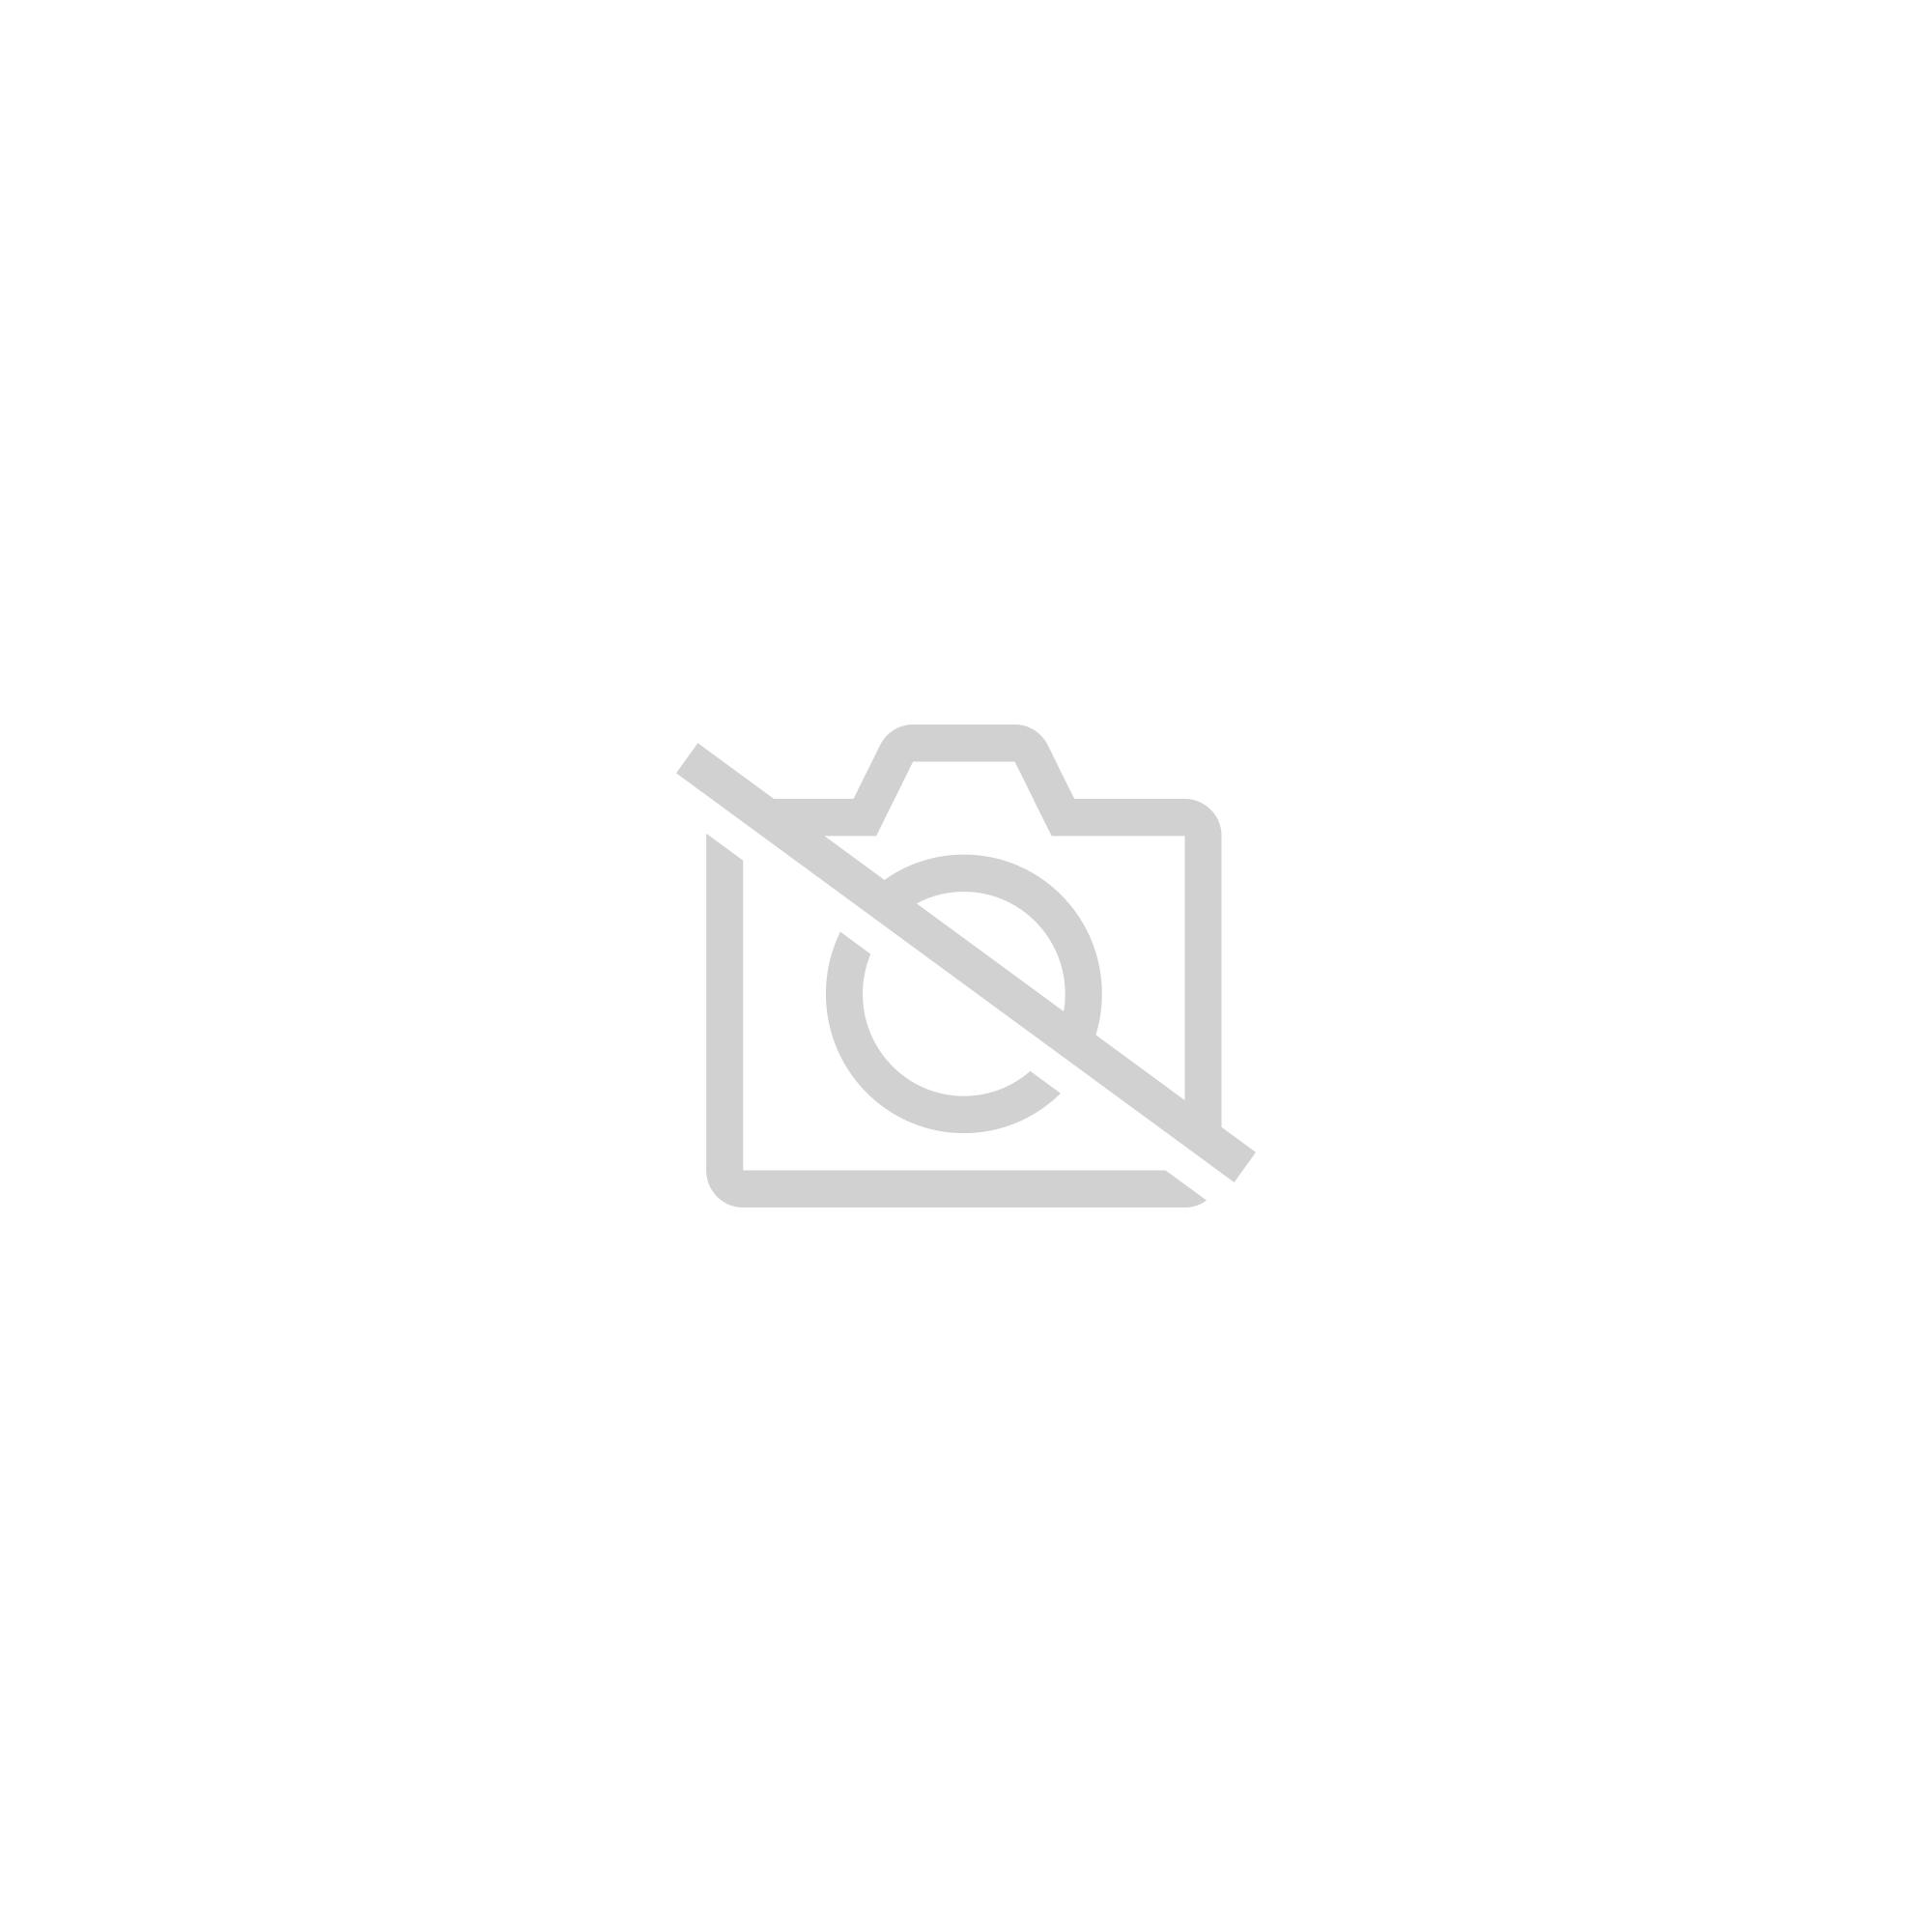 Bracelet Manchette Ld001 Ag